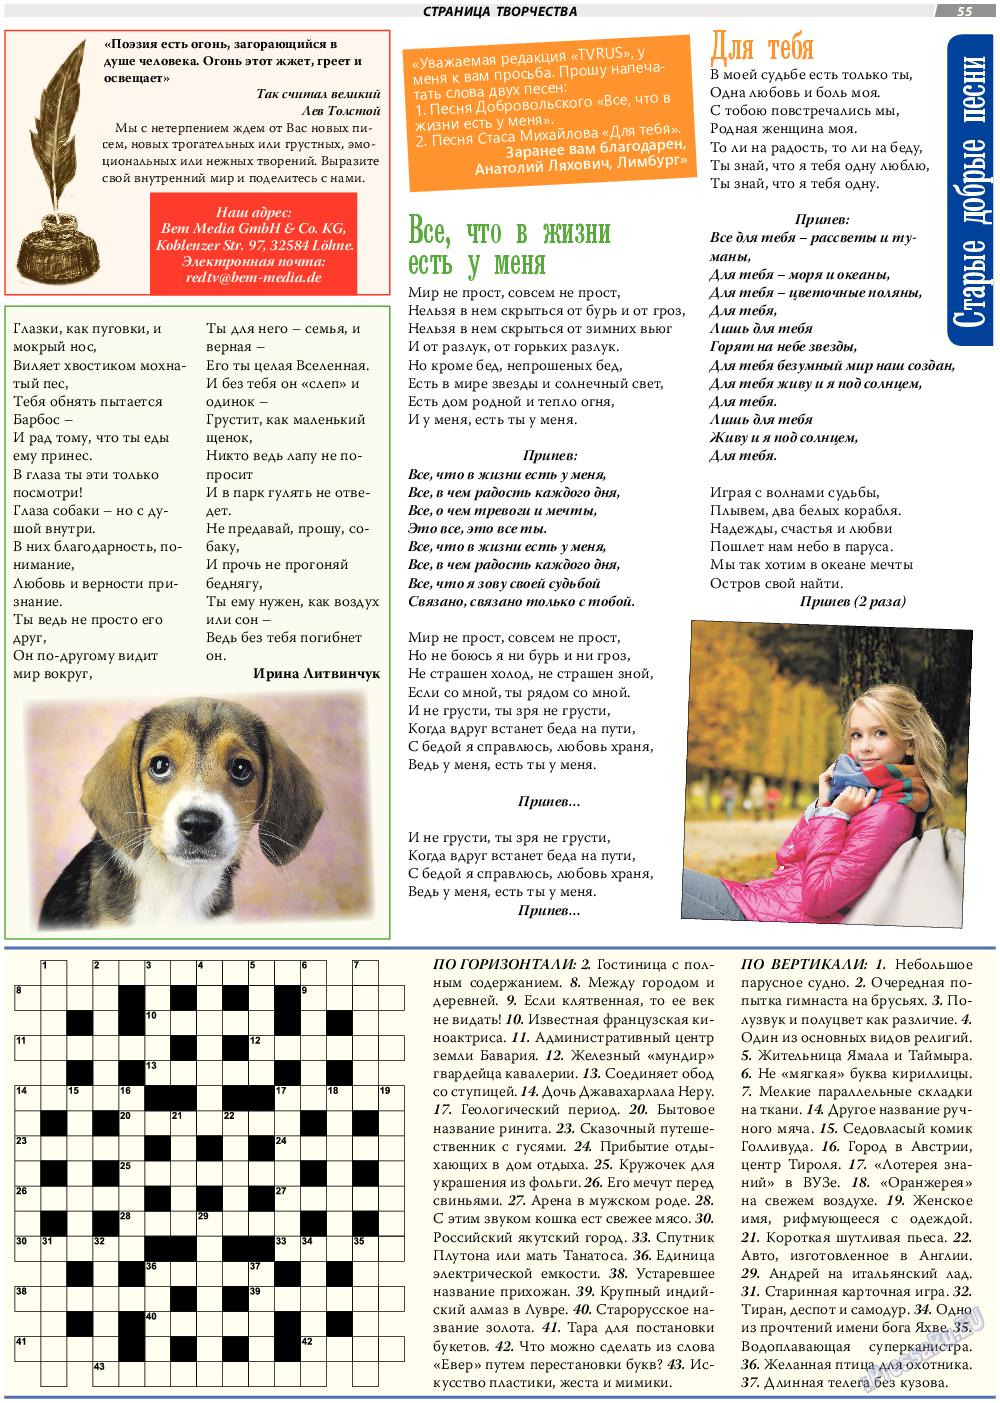 TVrus (газета). 2017 год, номер 23, стр. 55